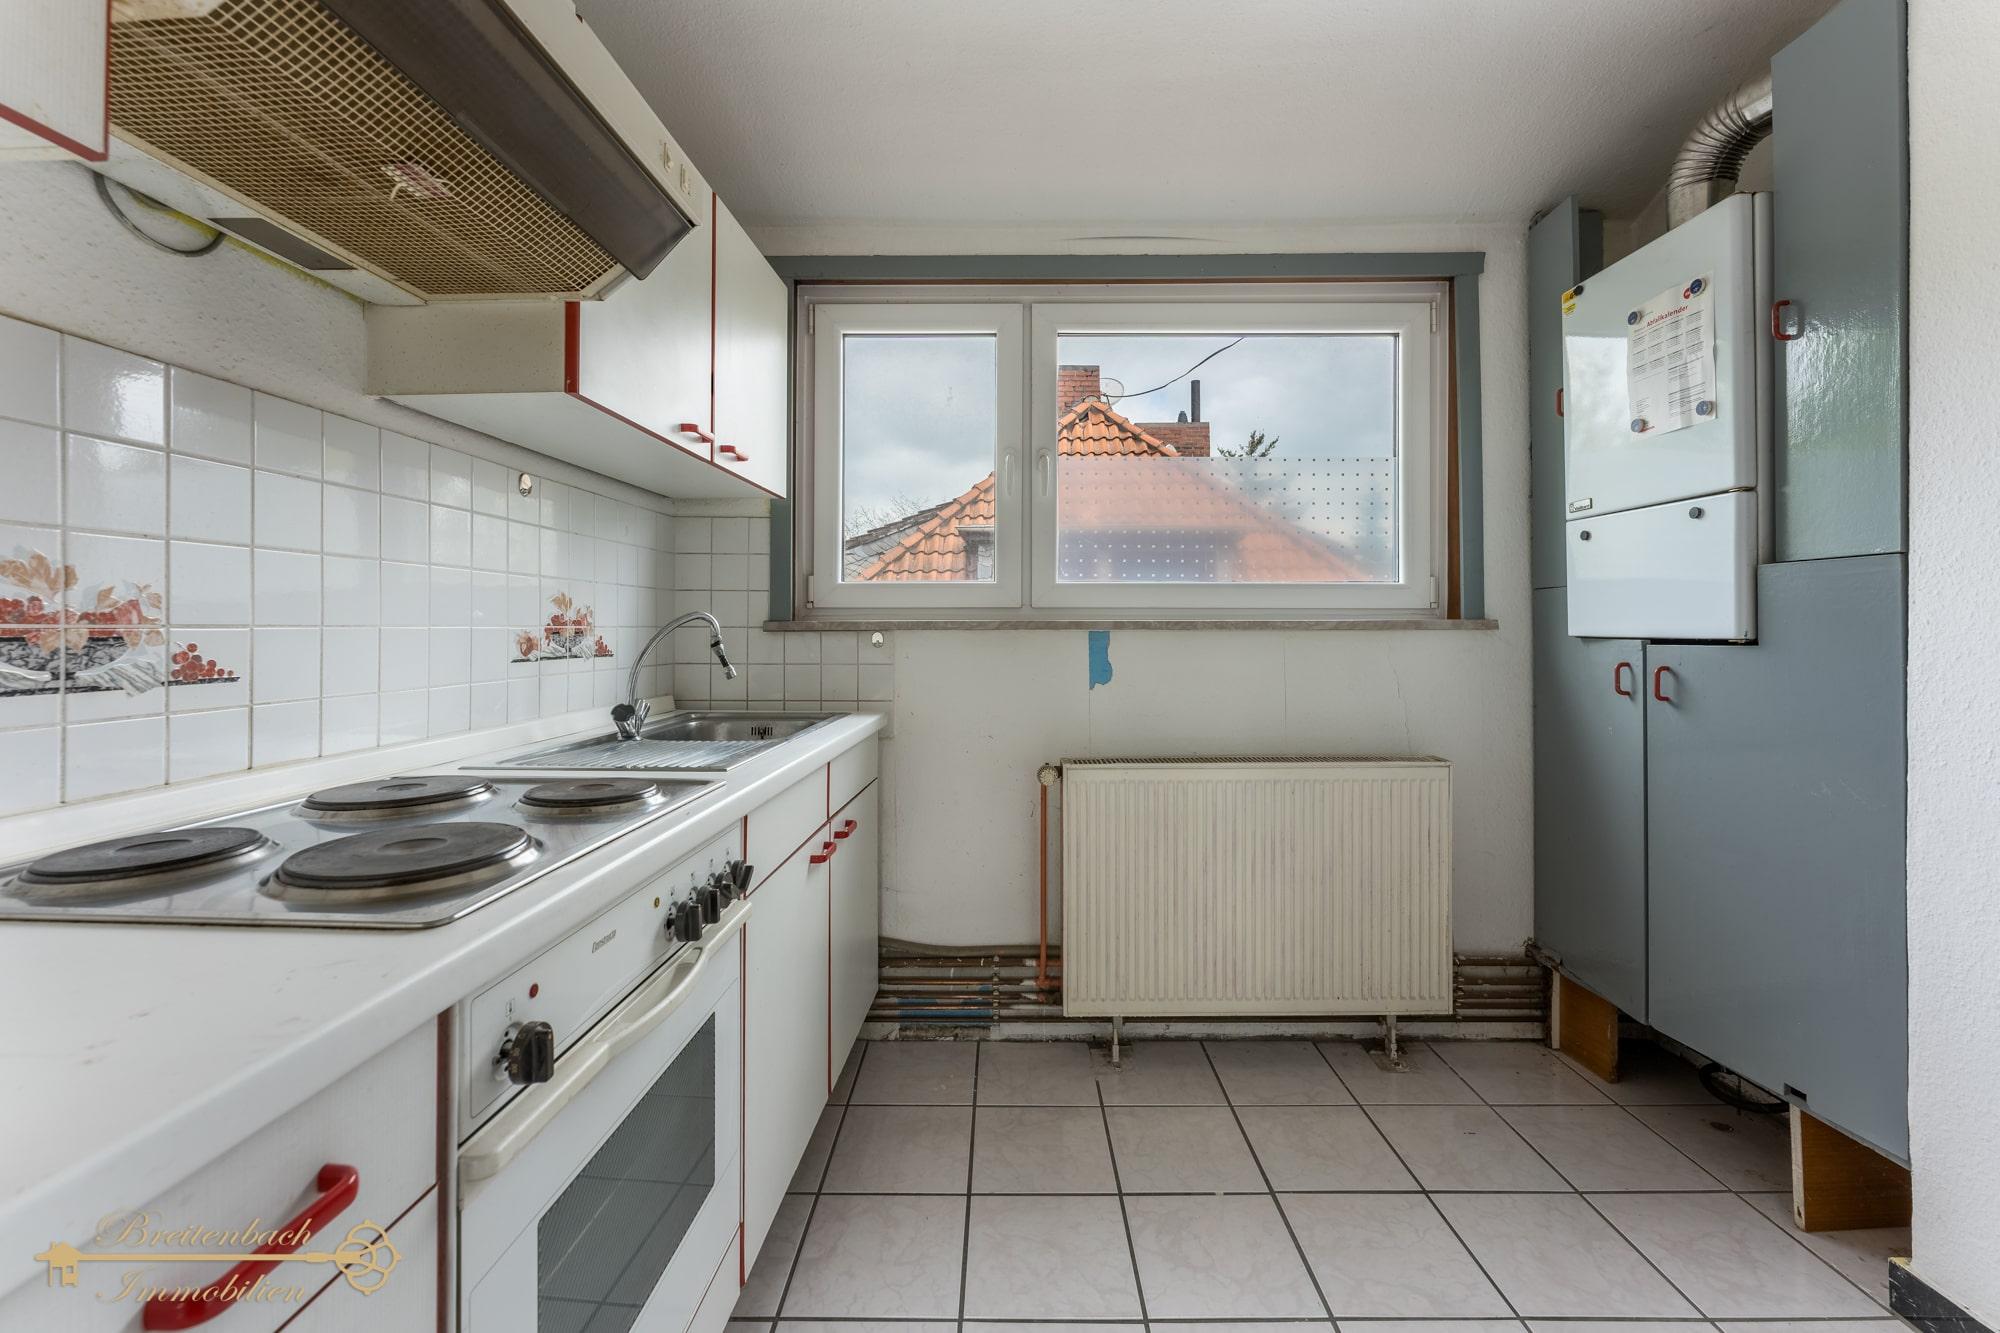 2021-05-29-Breitenbach-Immobilien-Makler-Bremen-7-min